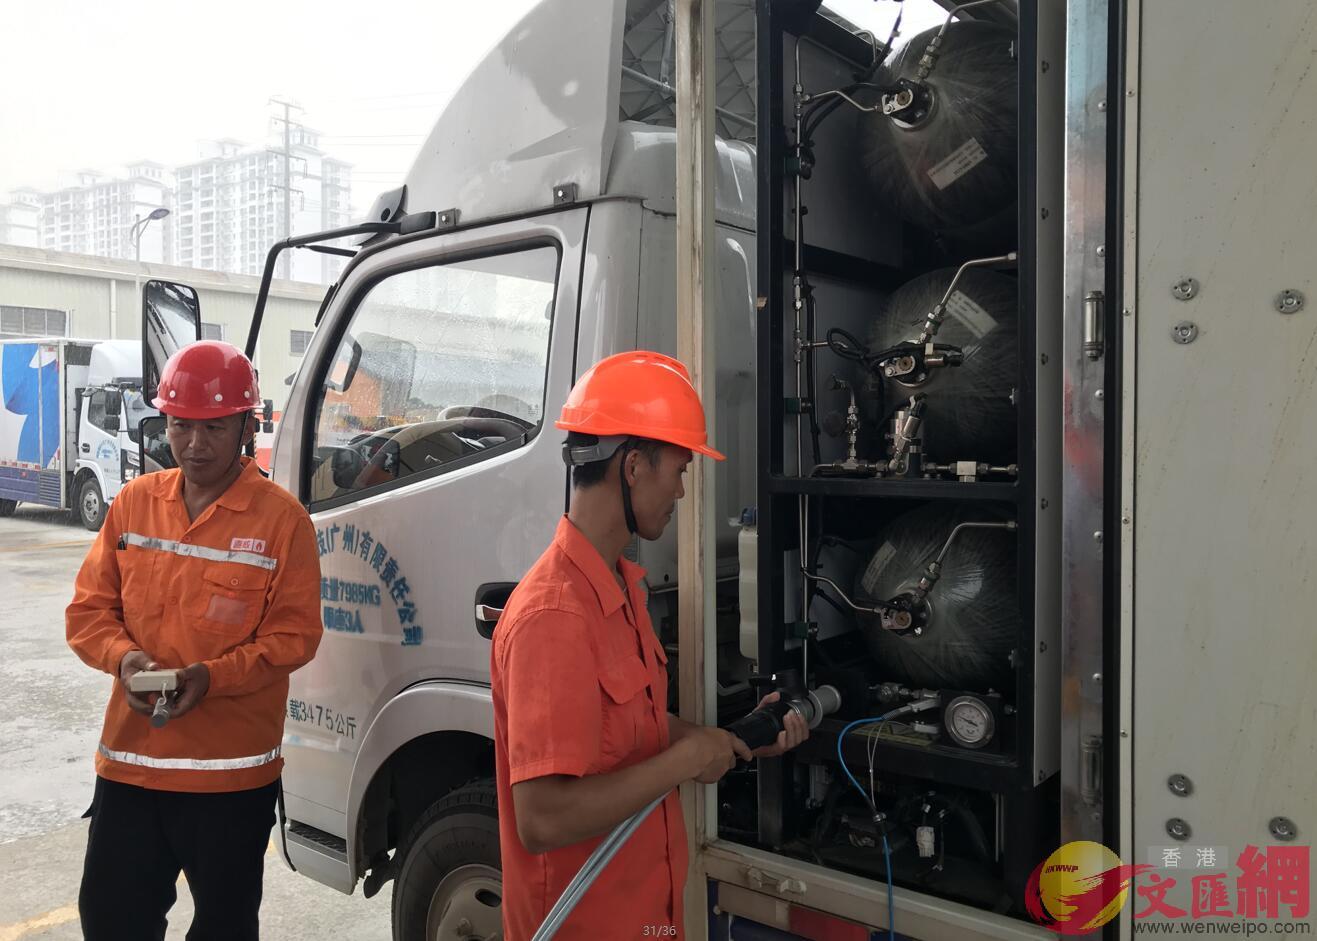 廣州將在明年建成5座氫能加氣站。圖為位於廣州開發區的加氣站,工人演示加氣。(敖敏輝 攝)